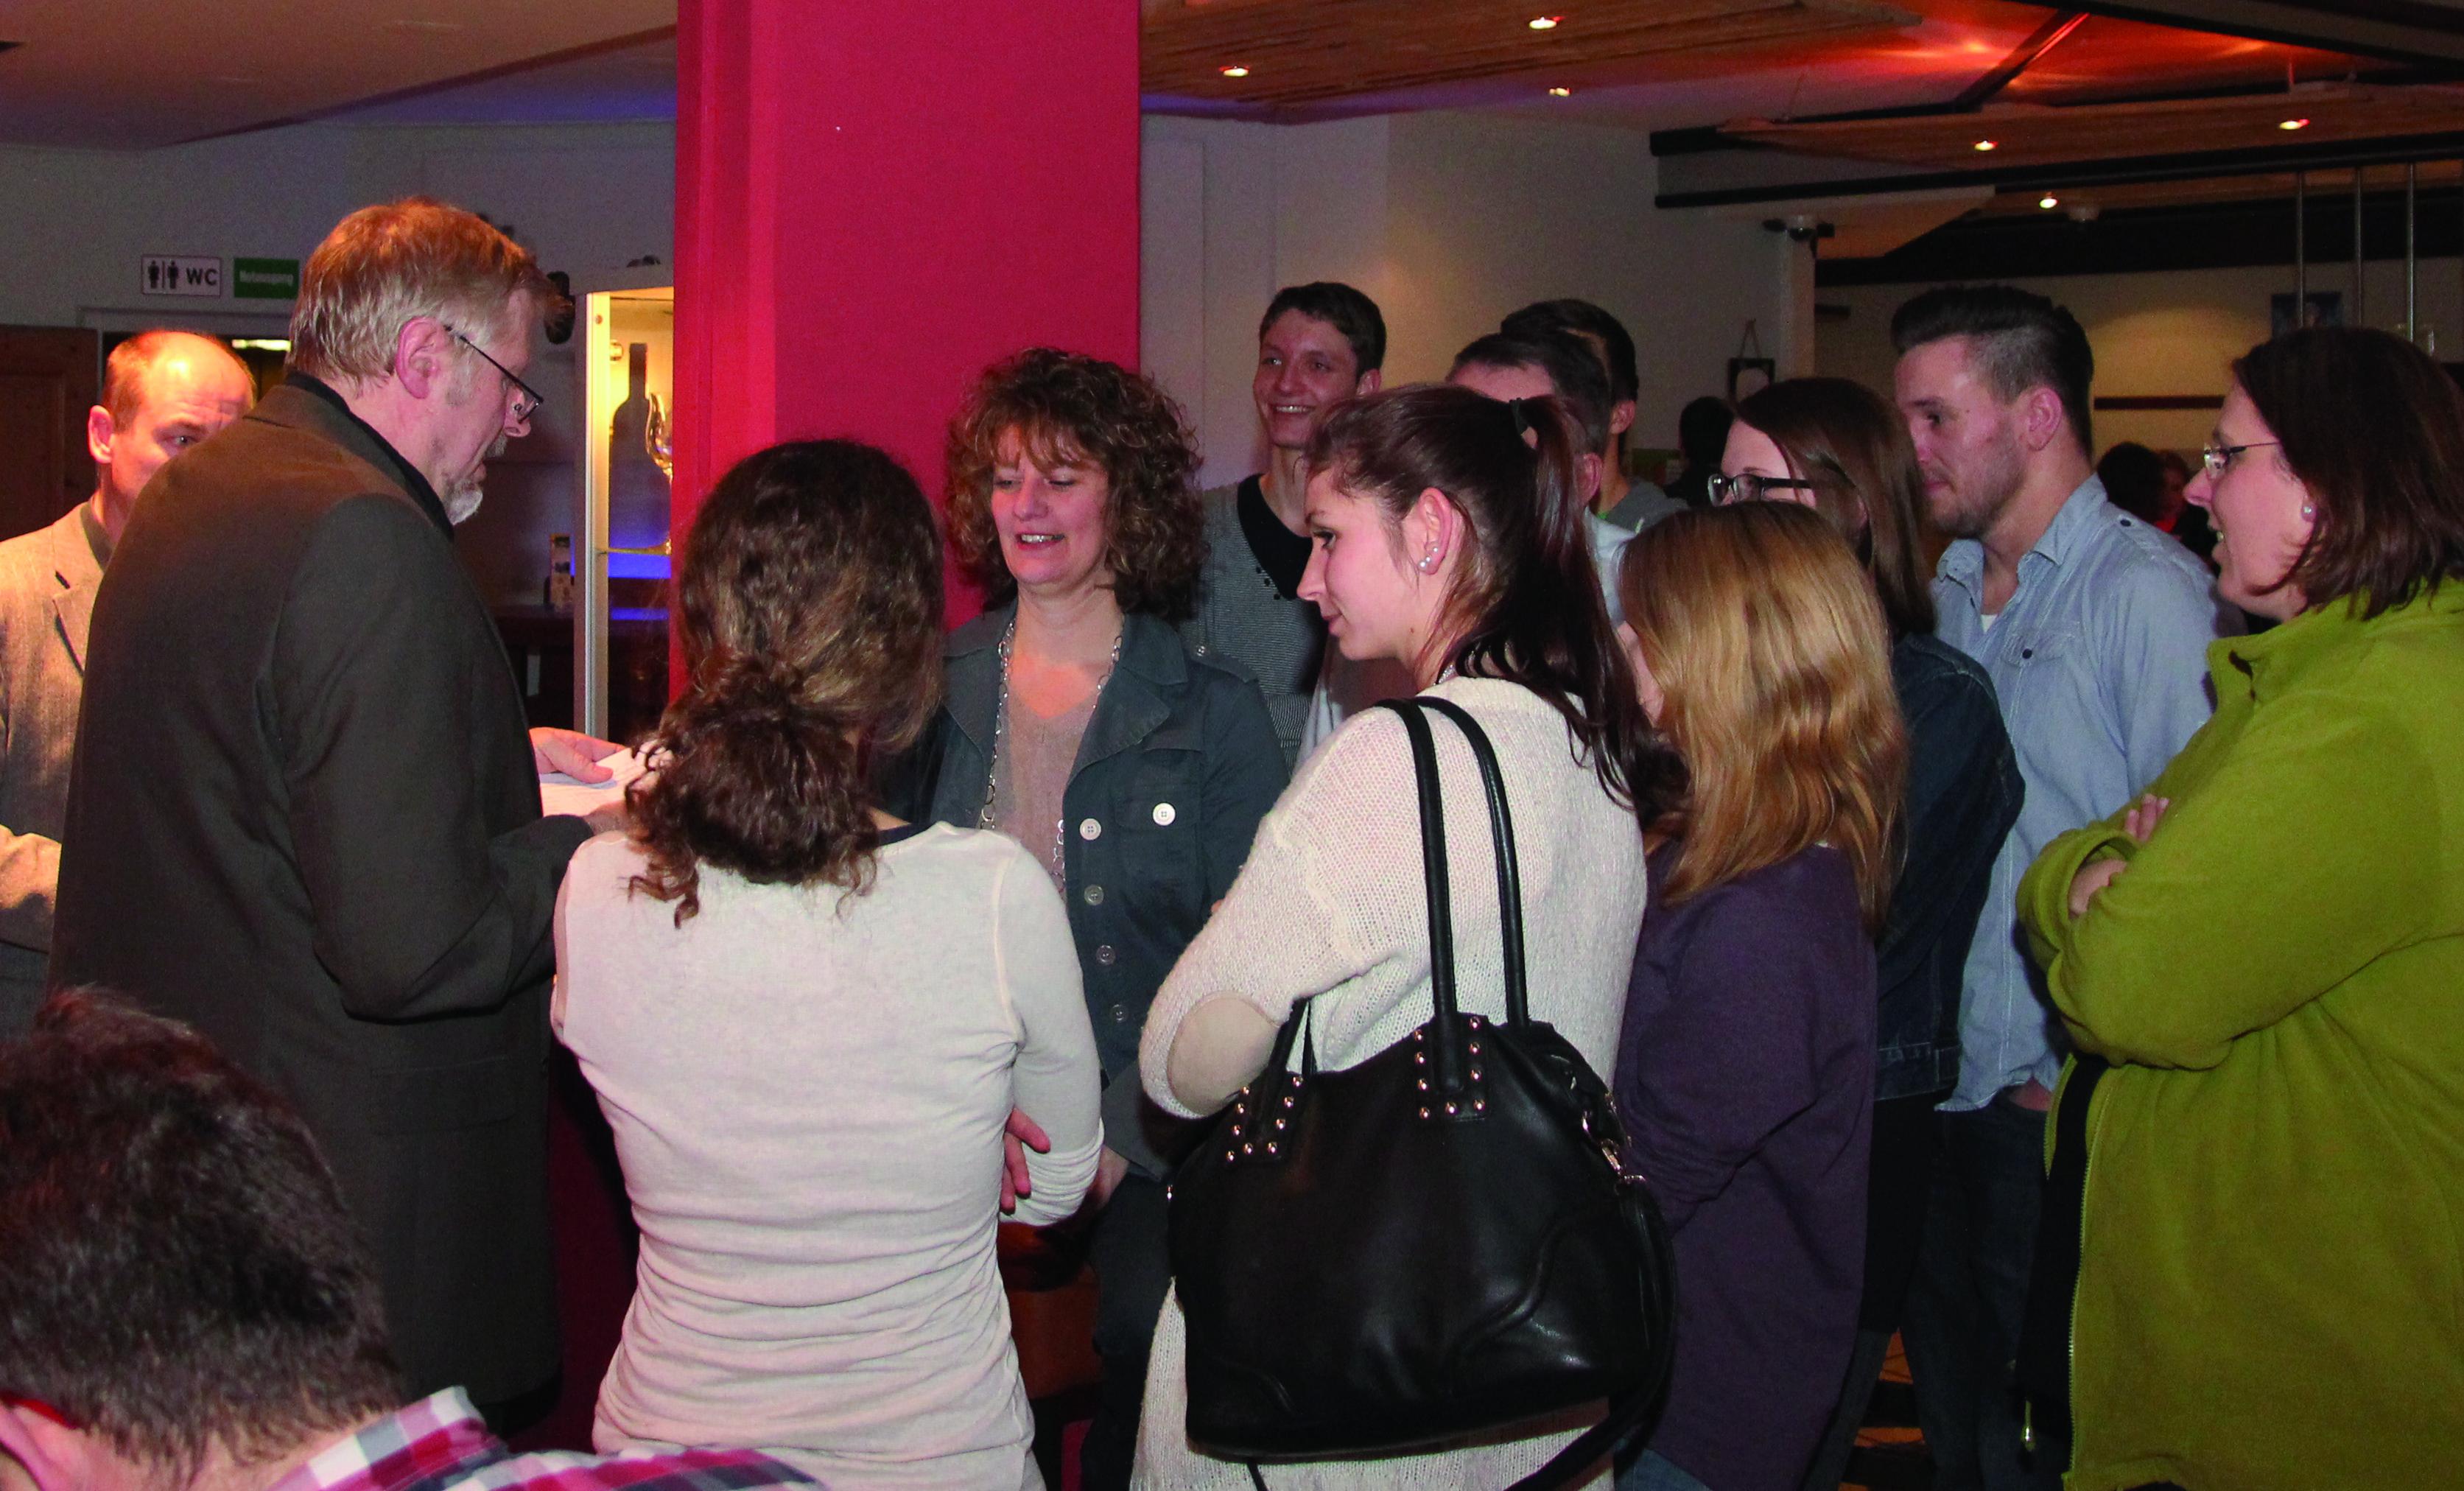 Jungwähler prüfen gemeinsam mit Bürgermeisterkandidatin Gertrud Eichinger die Stimmzettel.